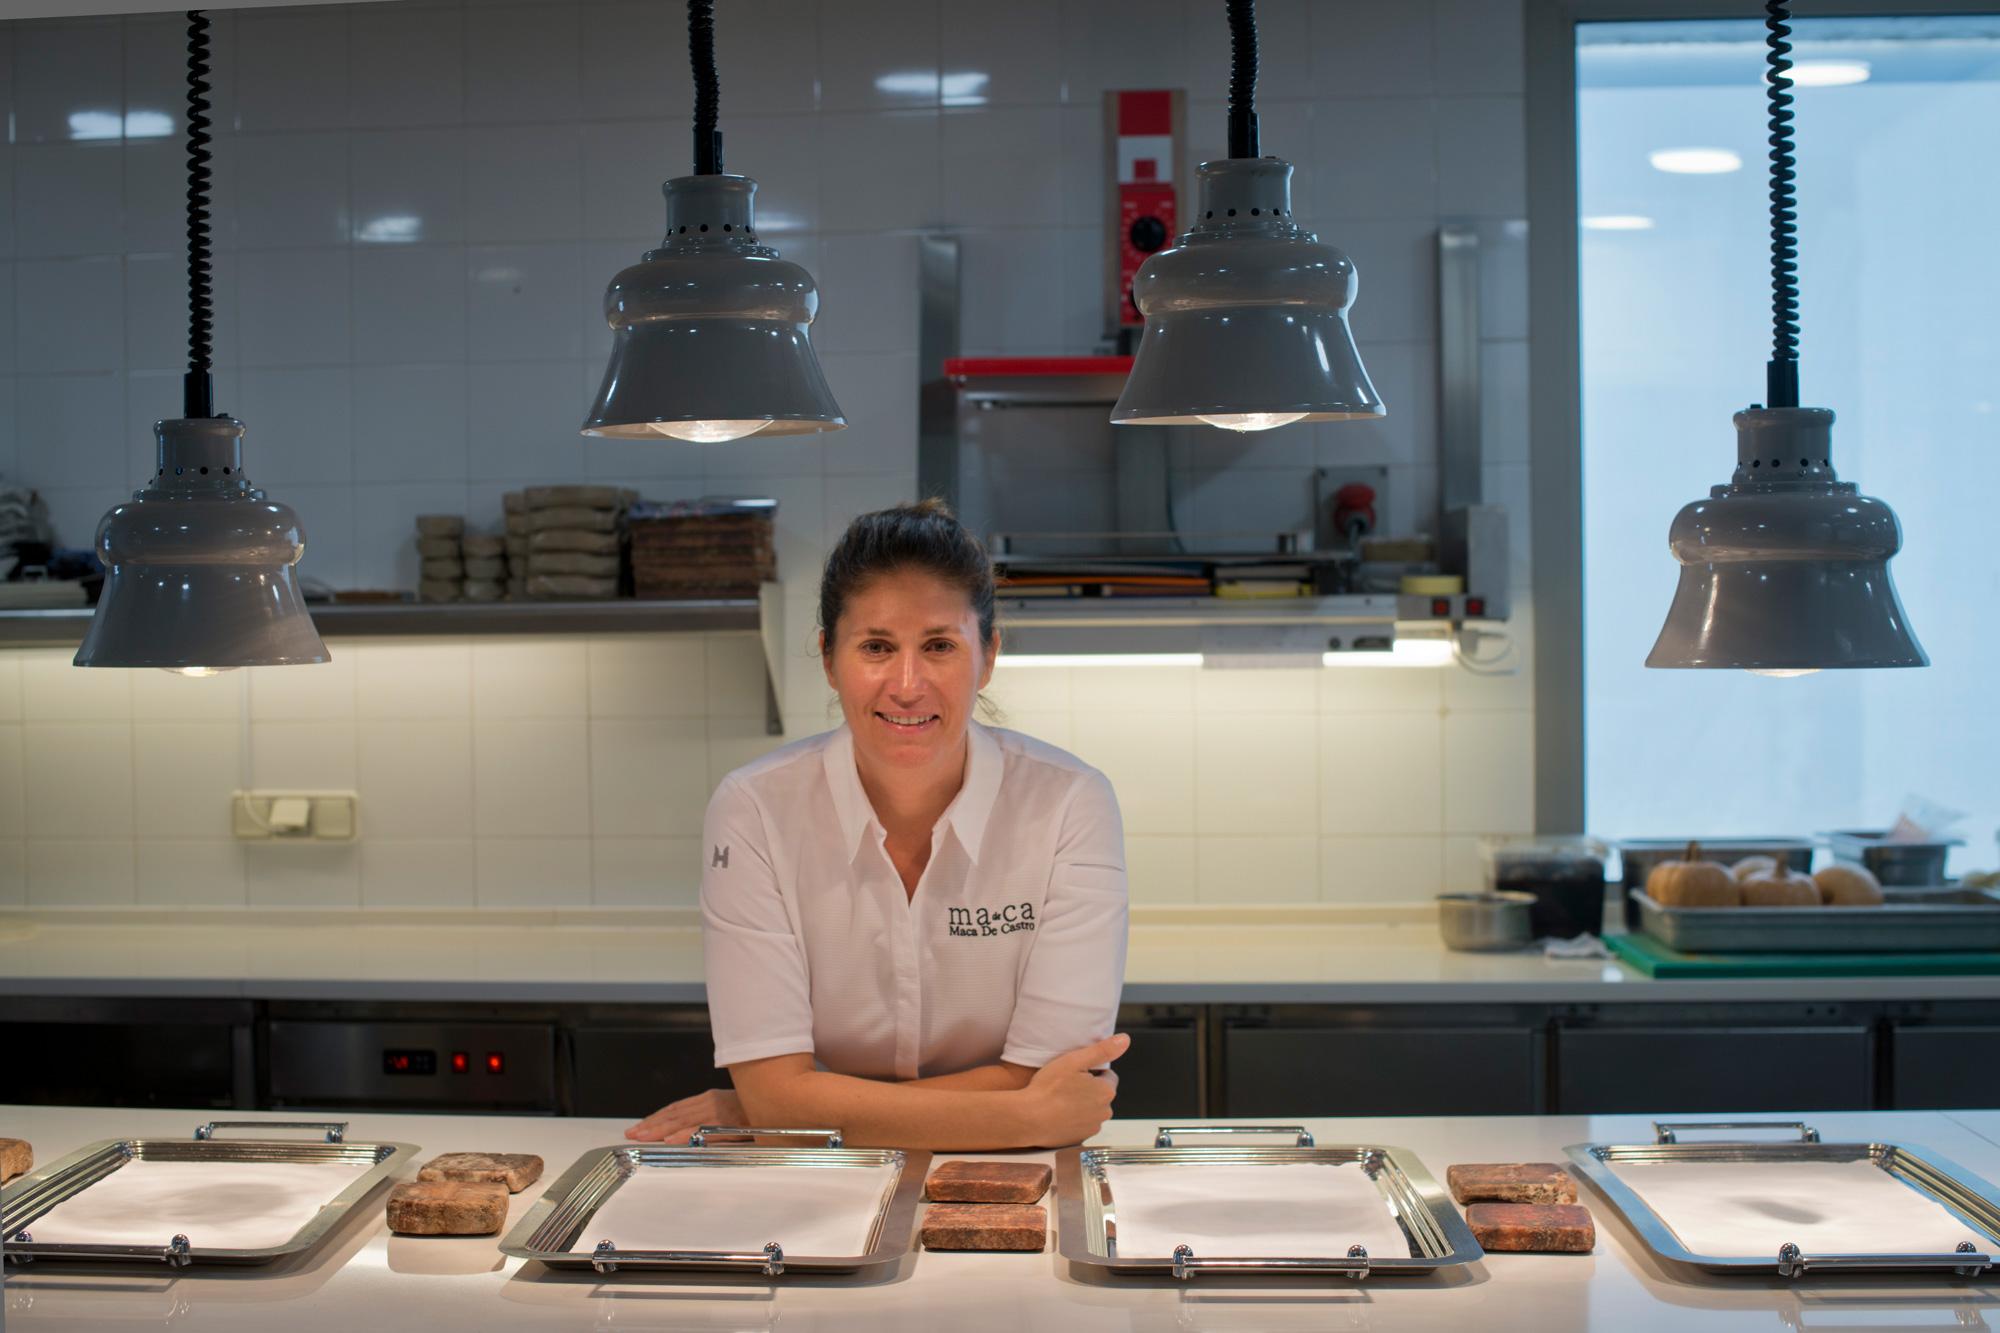 Maca de Castro, en su cocina, dispuesta para empezar el servicio.